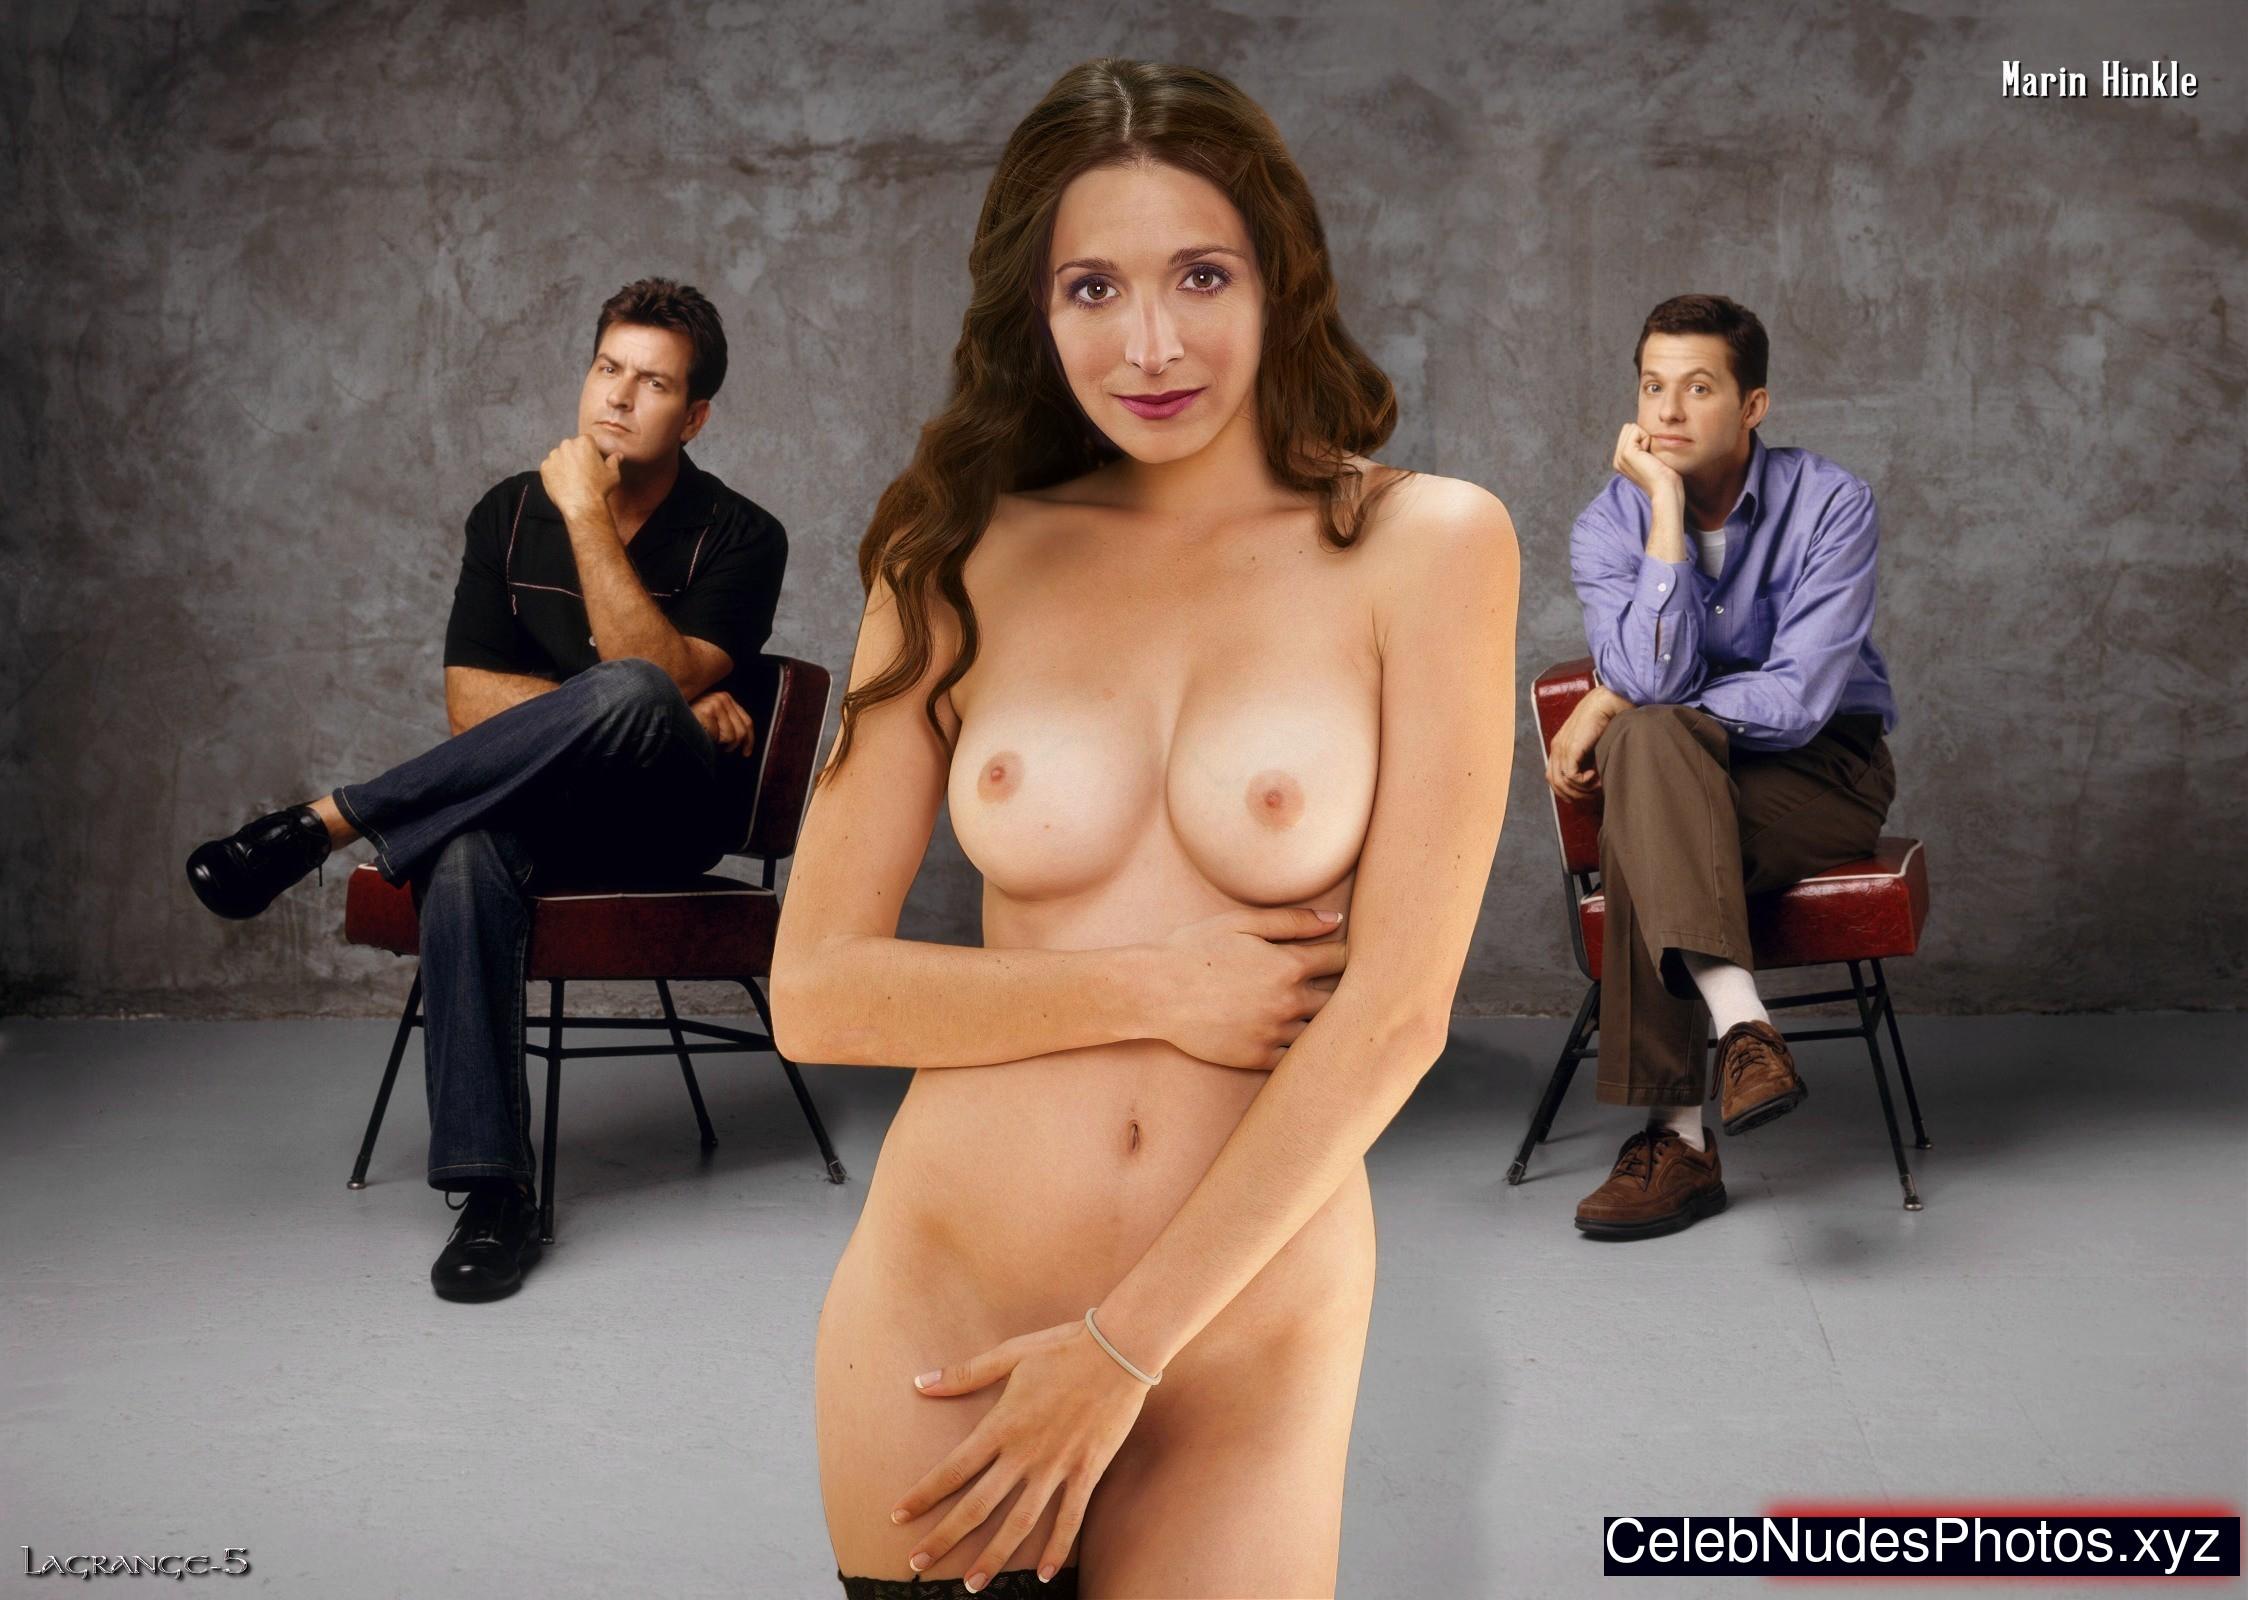 marin hinkle nude